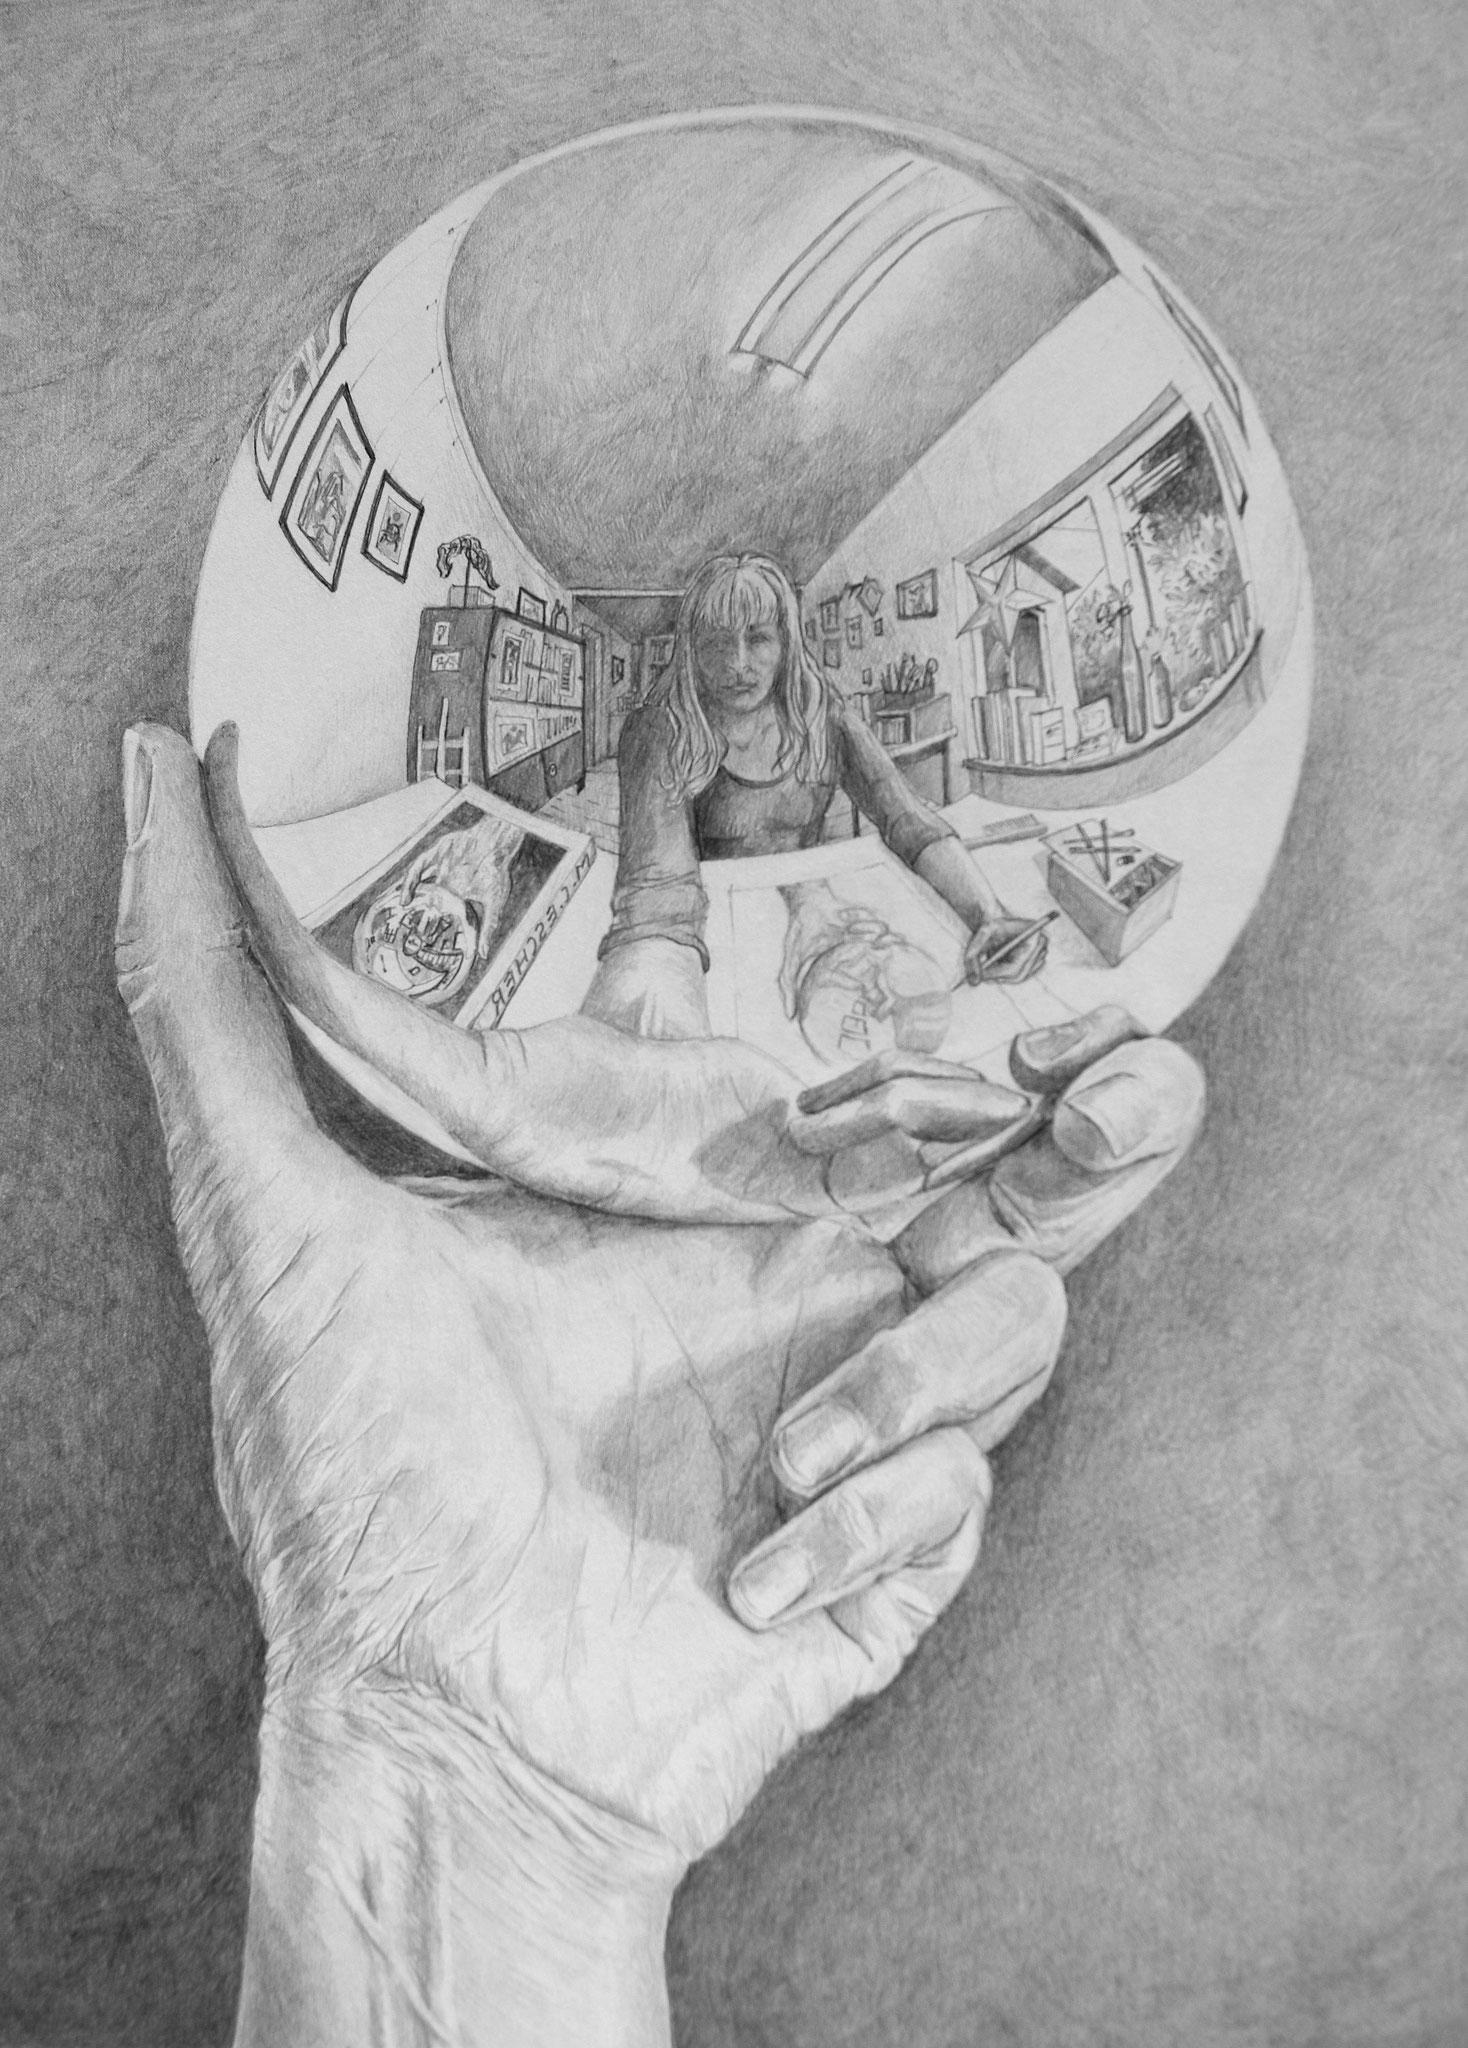 Selbst nach M.C. Escher / Bleistift / 40 x 50 cm